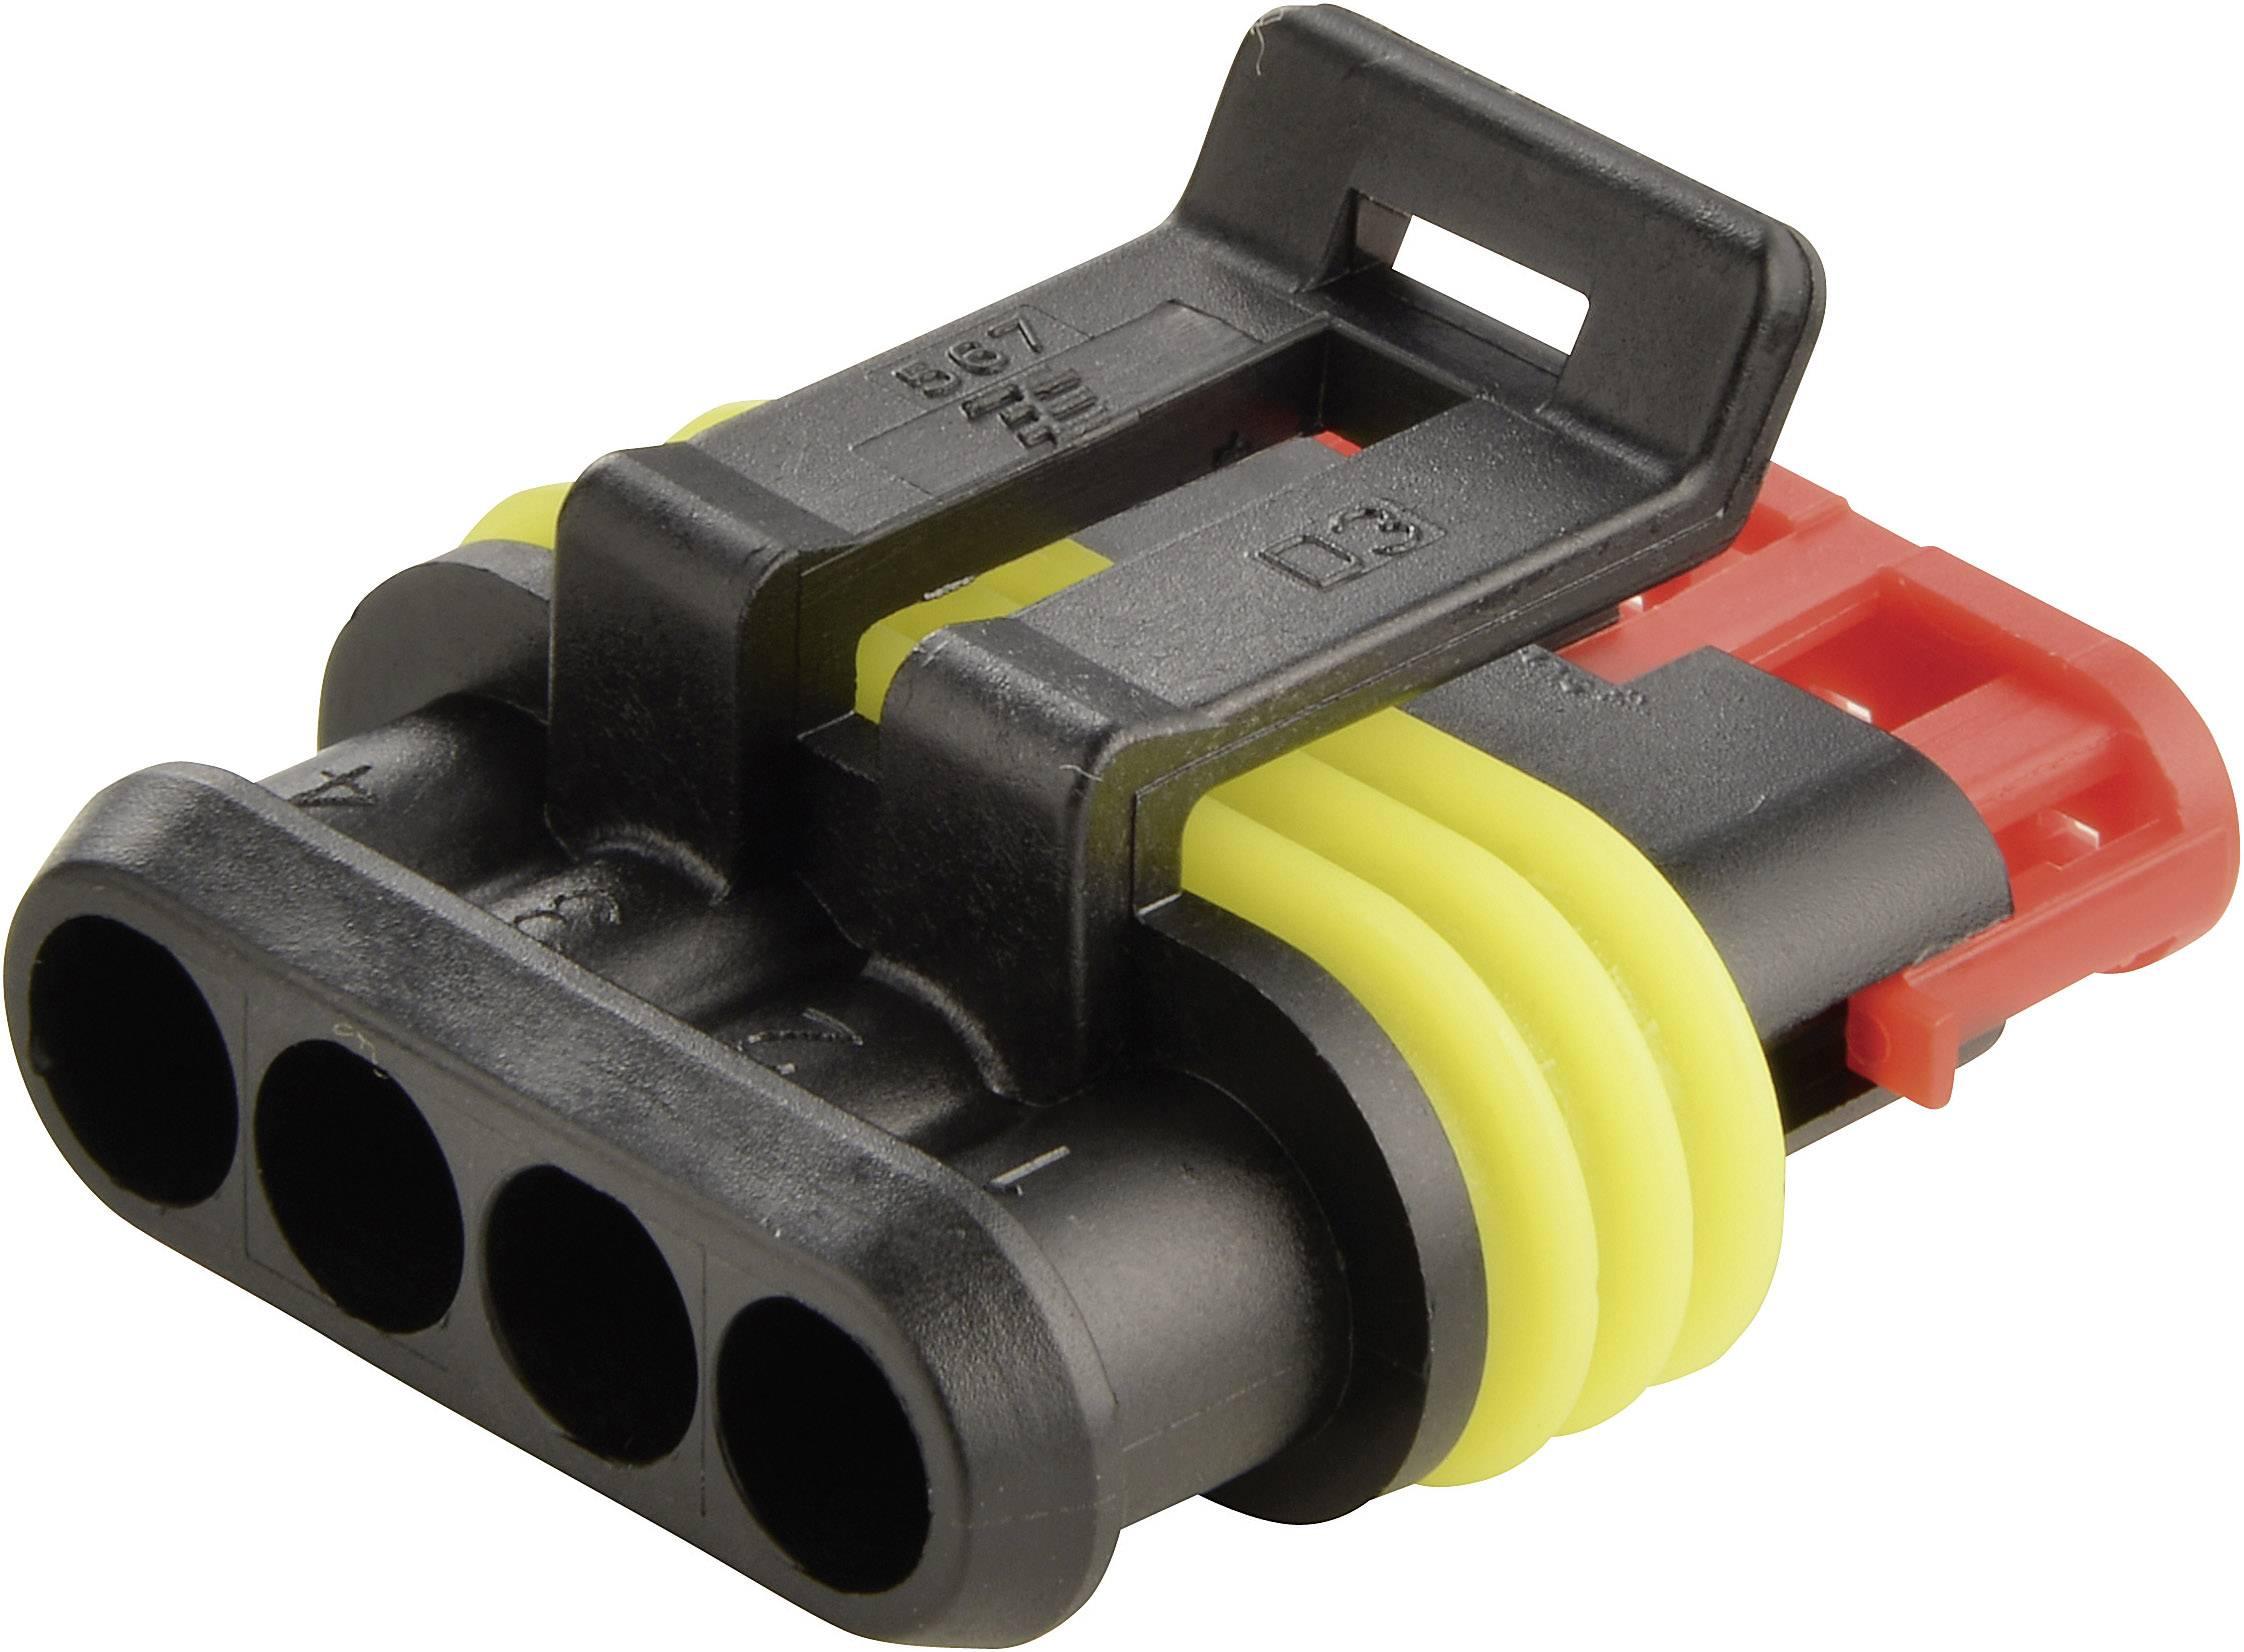 Zásuvkové púzdro na kábel TE Connectivity 282088-1, počet pólov 4, raster 6 mm, 1 ks